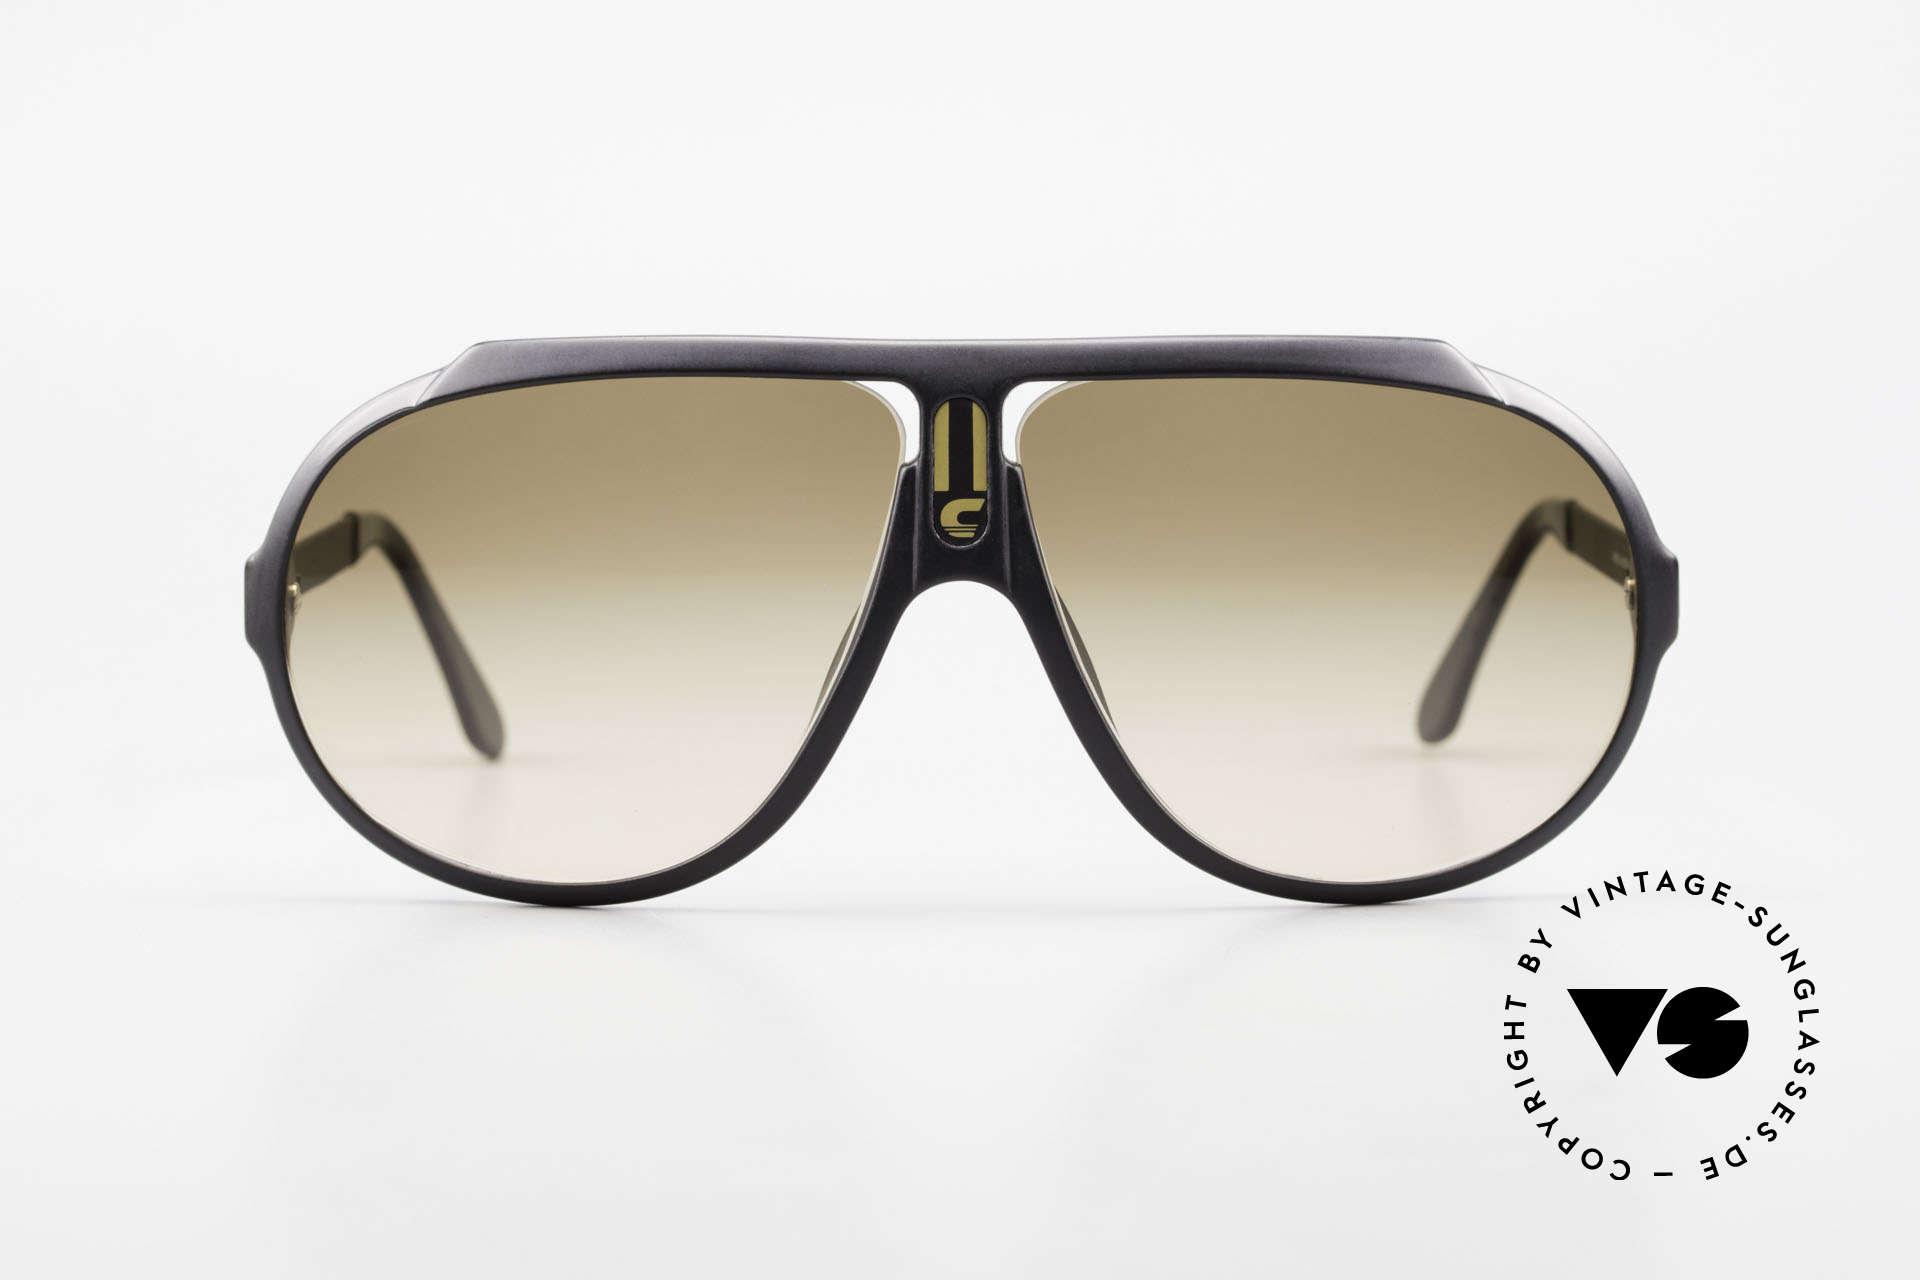 Carrera 5512 Meistgesuchte Carrera 5512, berühmte Filmsonnenbrille von 1984 (echter Klassiker), Passend für Herren